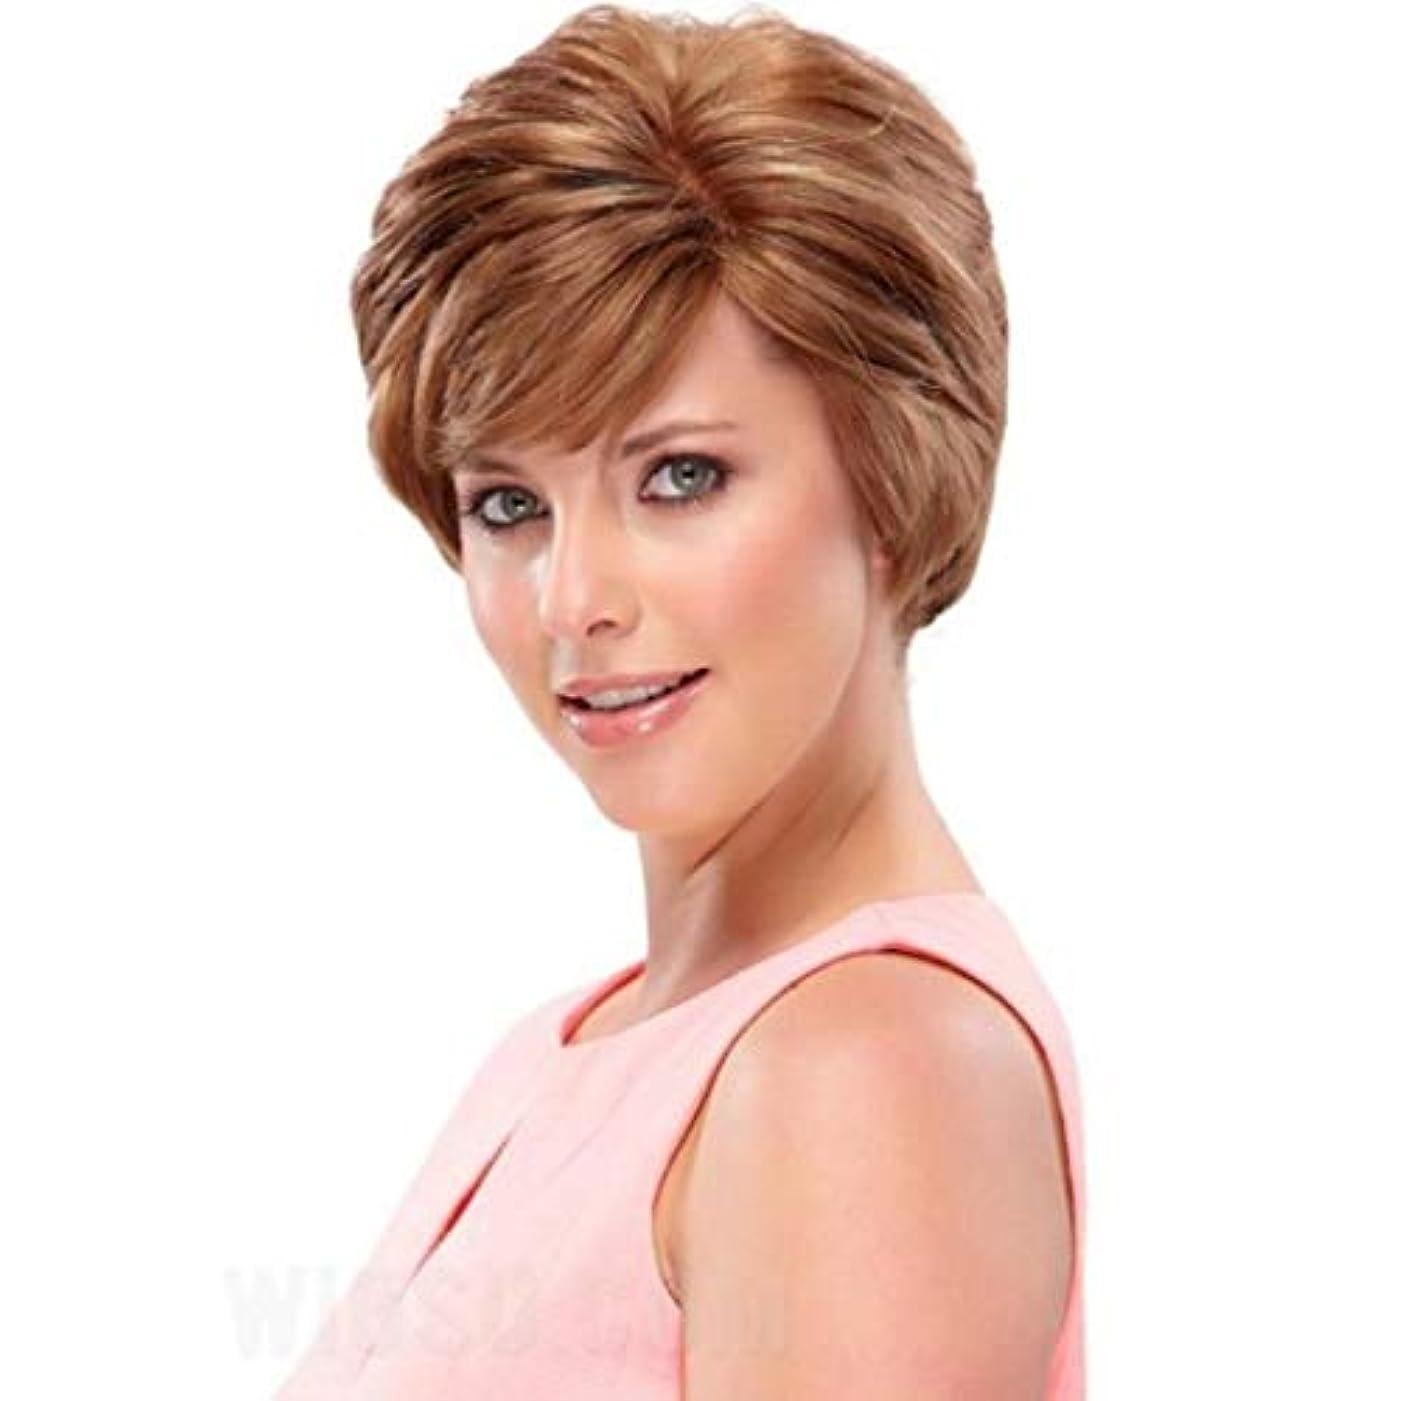 付与ドリンク宙返りKerwinner ふわふわストレートヘアウィッグ人工毛フルウィッグナチュラルに見える女性用耐熱性